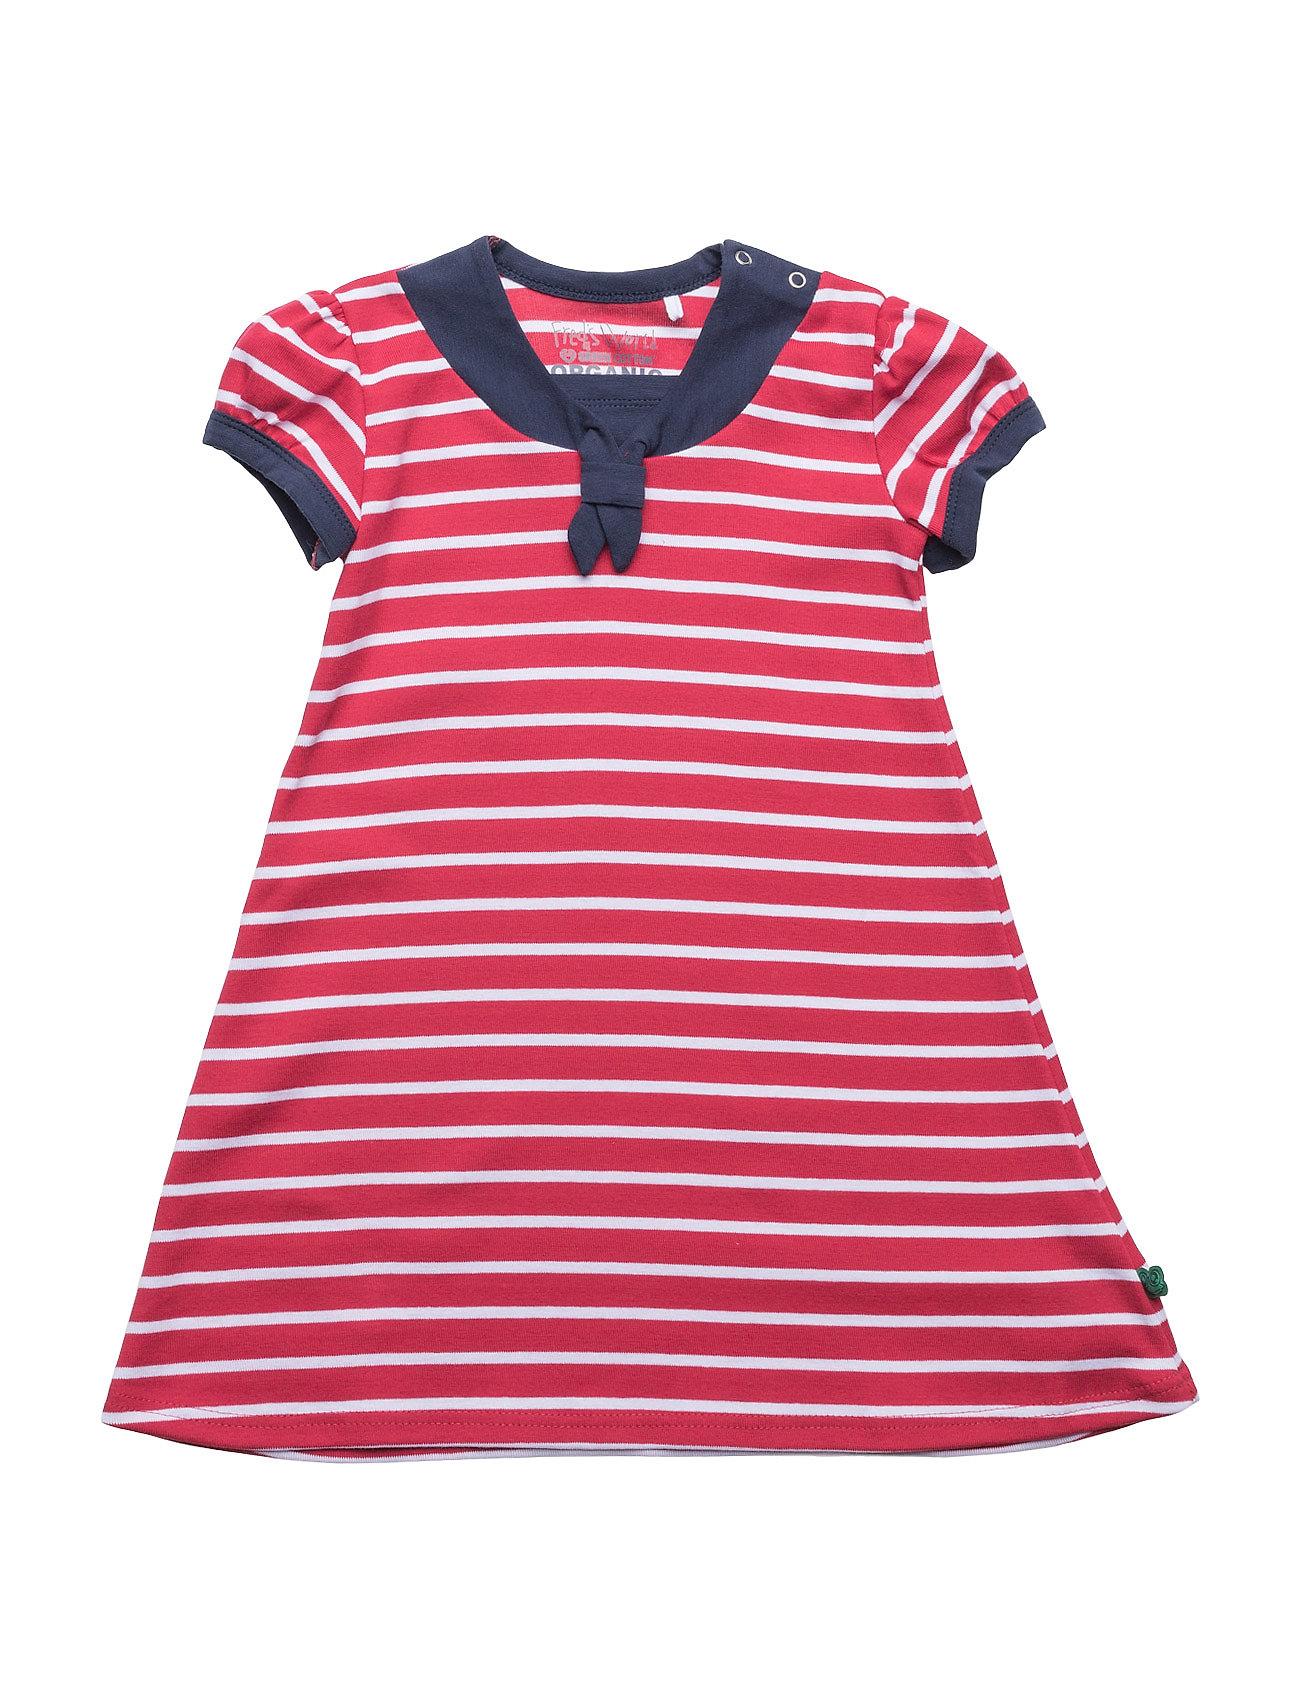 Sailor Dress Baby Freds World Kjoler til Børn i Rød